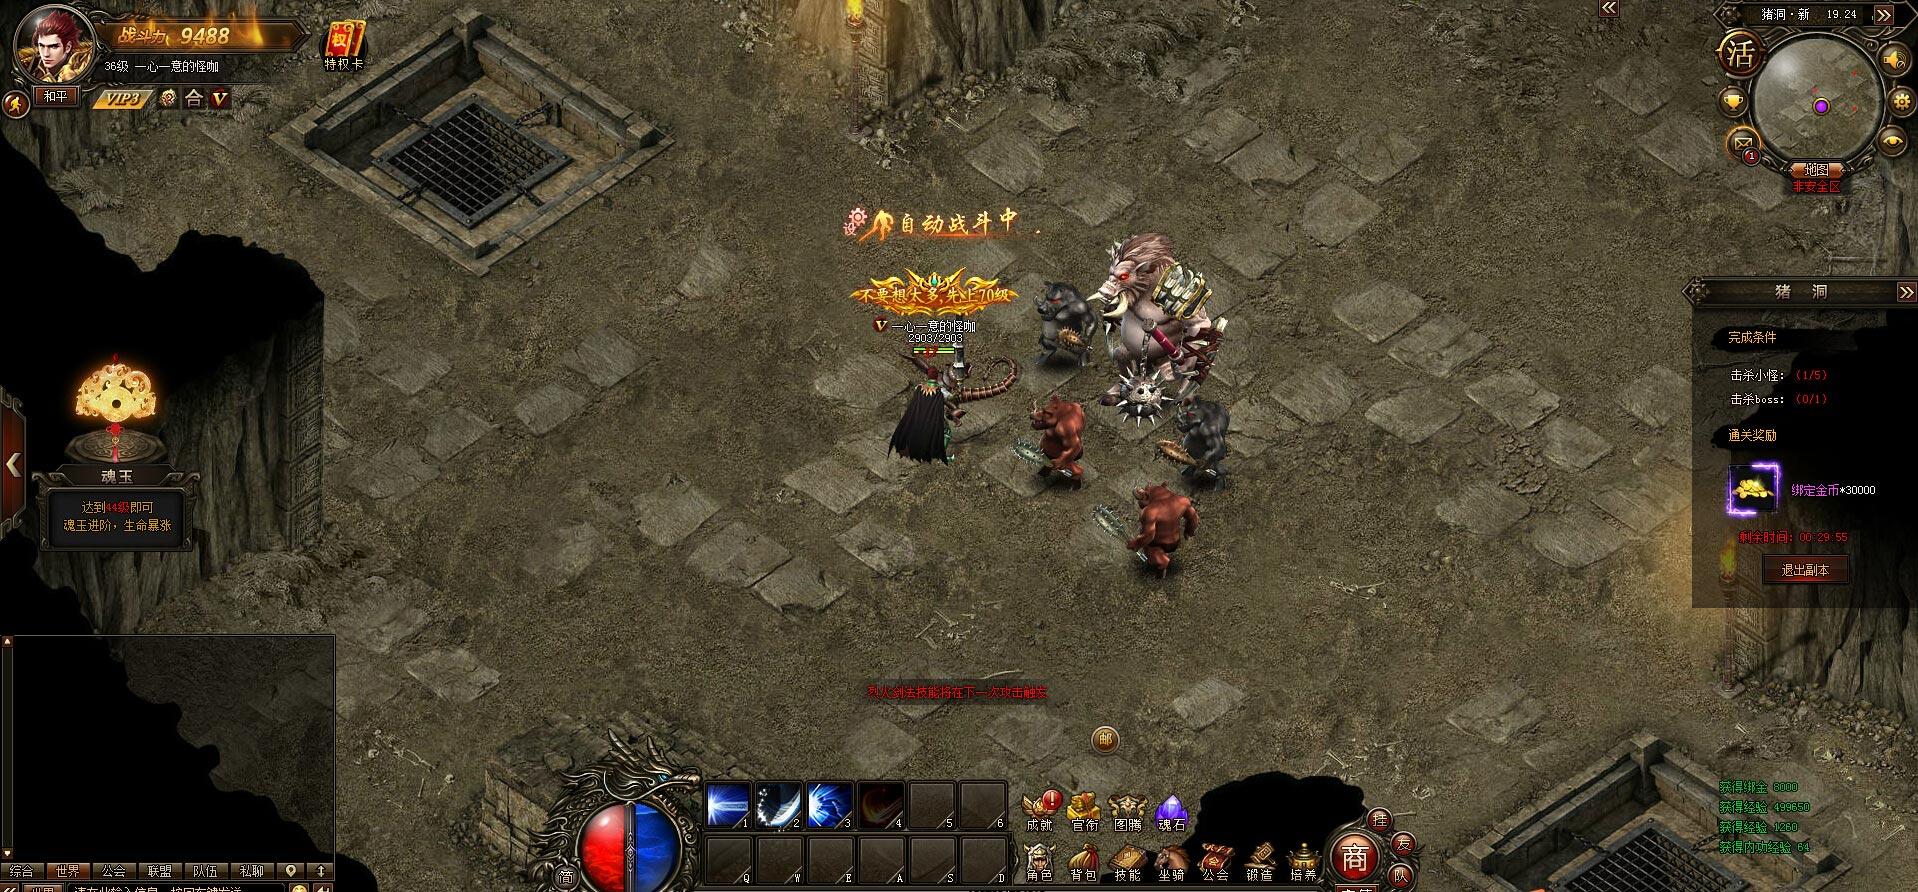 铁血战记游戏截图2